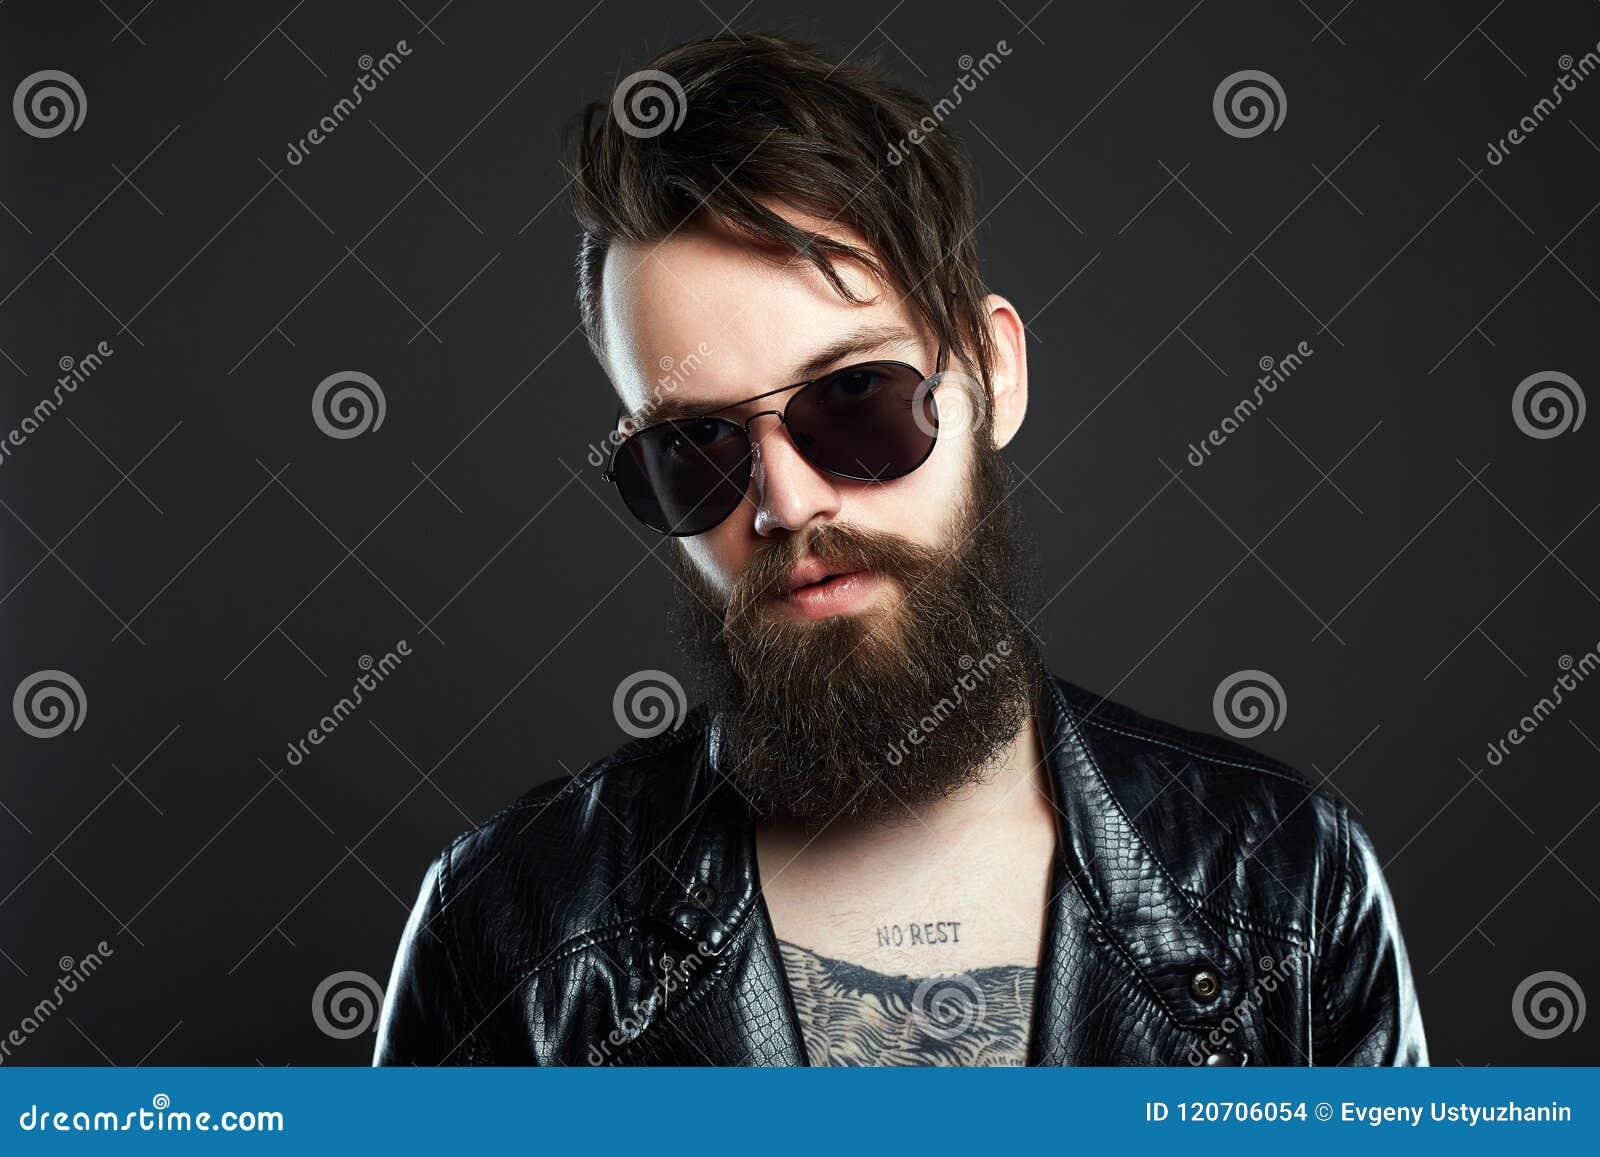 fd6378ec37a2e Homme à La Mode De Hippie Avec Le Tatouage Et Les Lunettes De Soleil ...